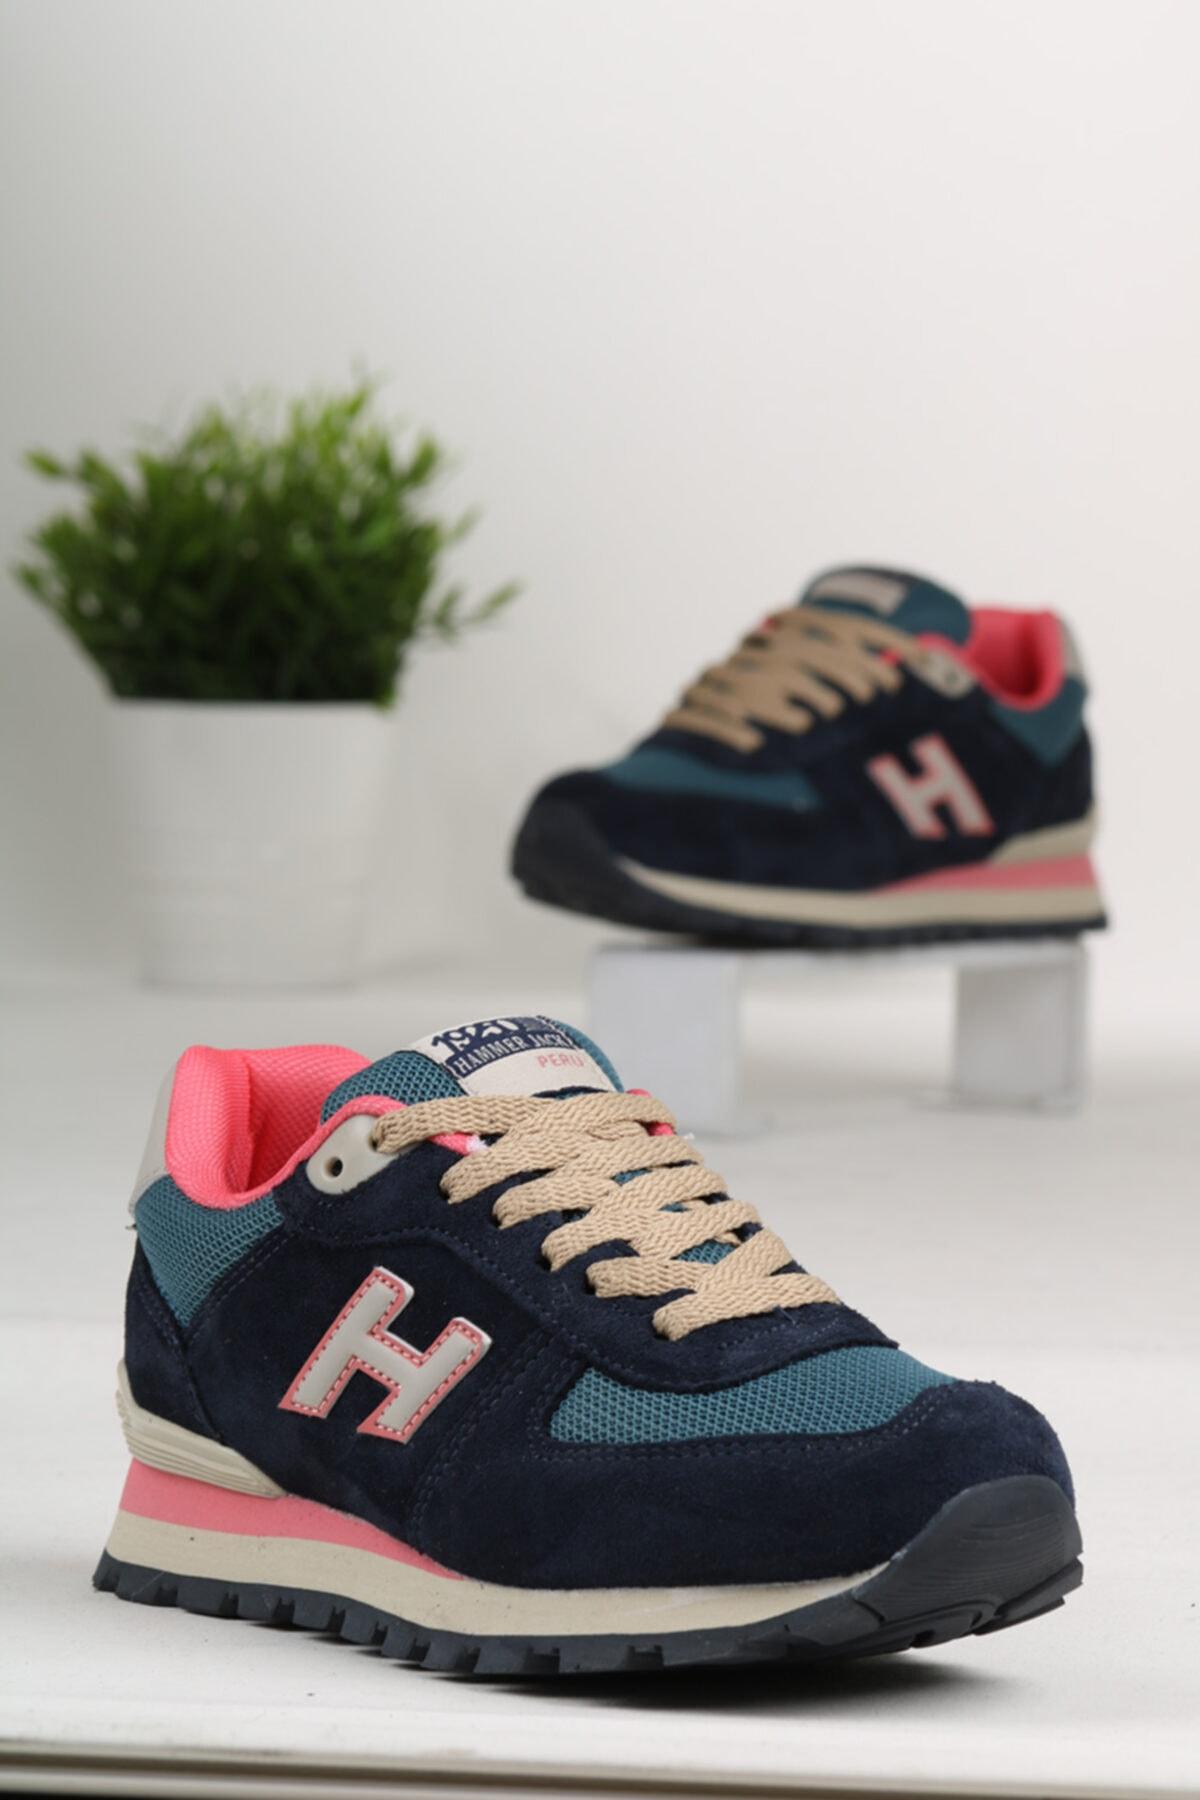 Hammer Jack Unisex Renkli Ferum Hakiki Deri Spor Ayakkabı 1